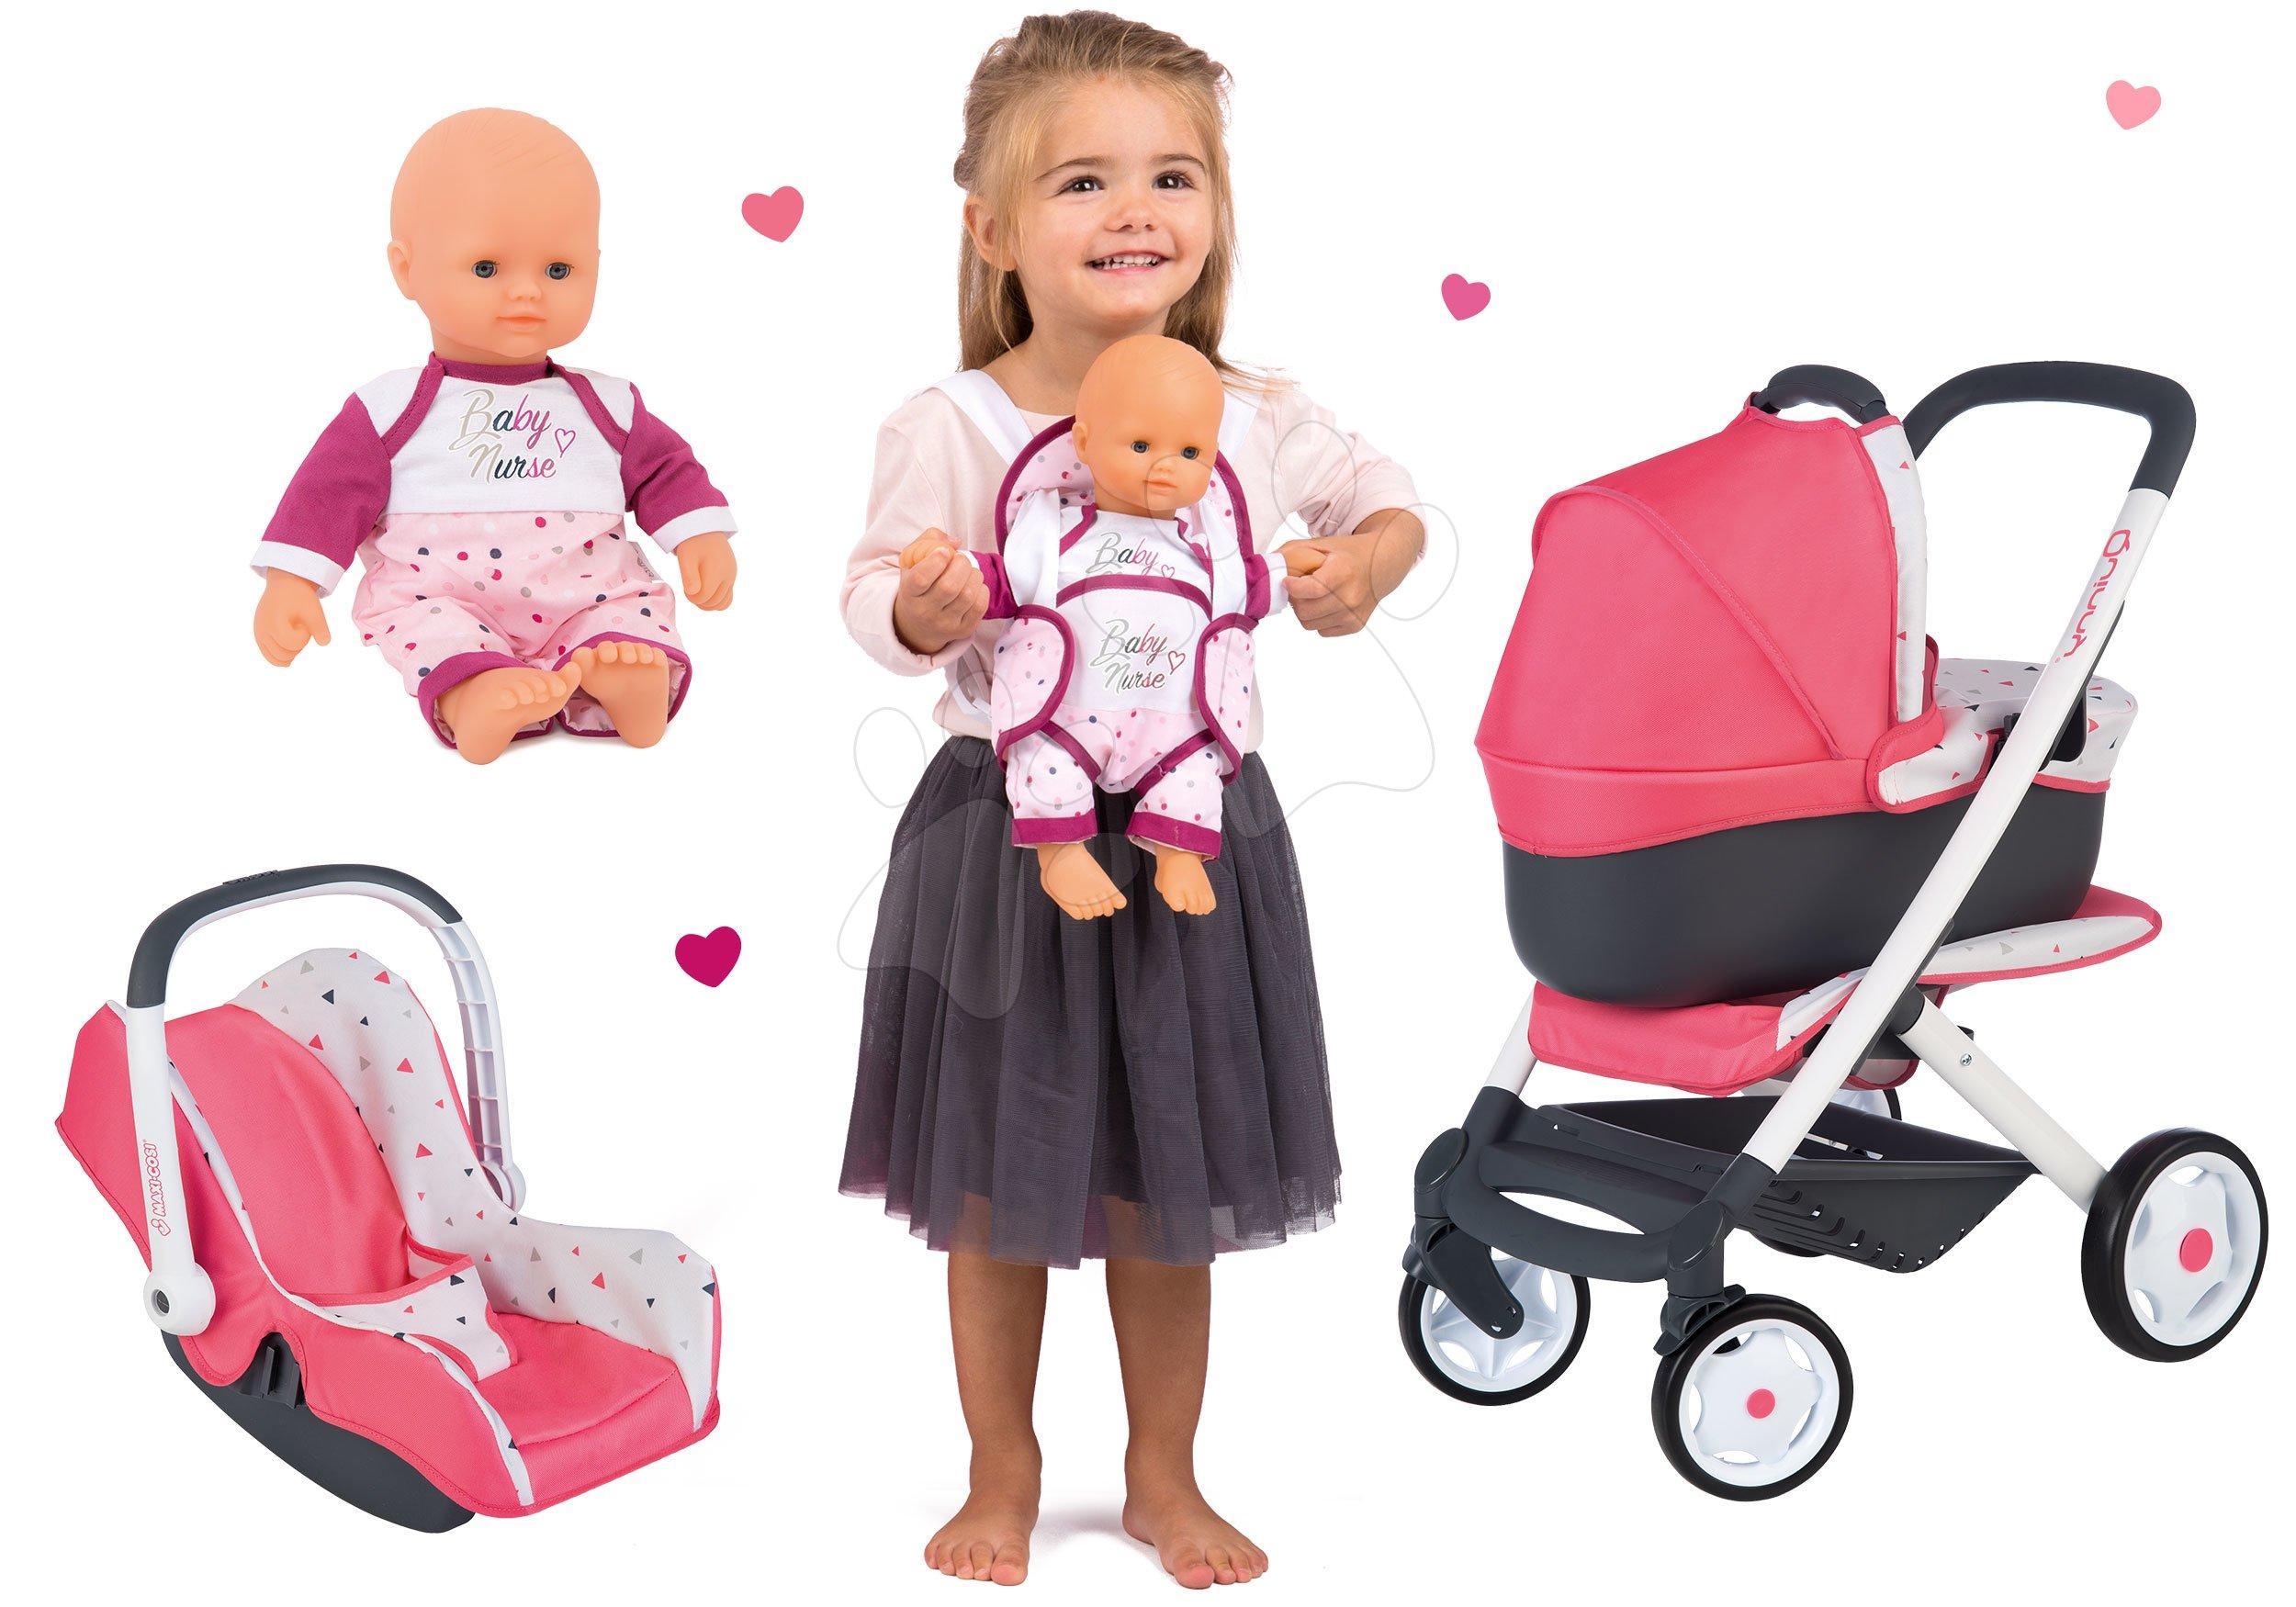 Set kočík hlboký trojkombinácia Trio Pastel Maxi Cosi & Quinny 3v1 Smoby a autosedačka s klokankou a bábika Violette Baby Nurse 32 cm